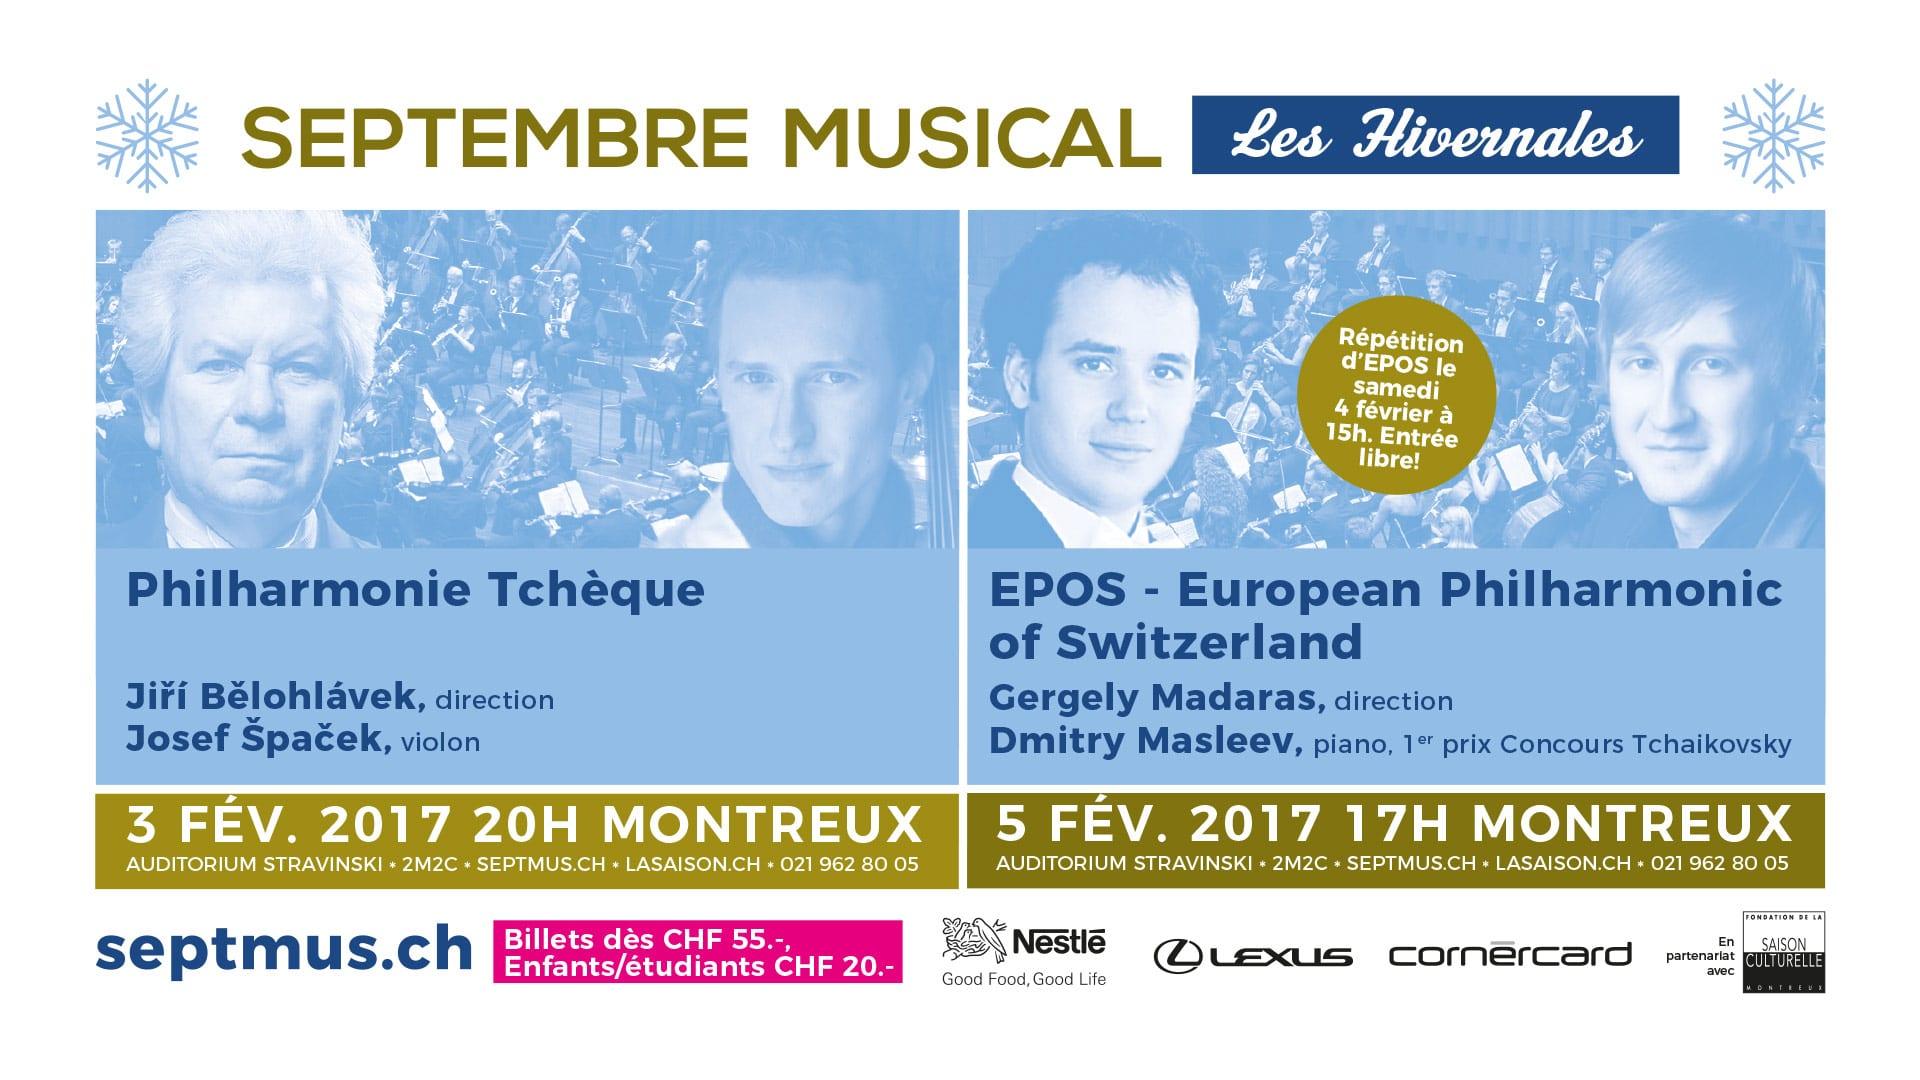 Septembre Musical - Les Hivernales - dia cinéma - Haymoz design